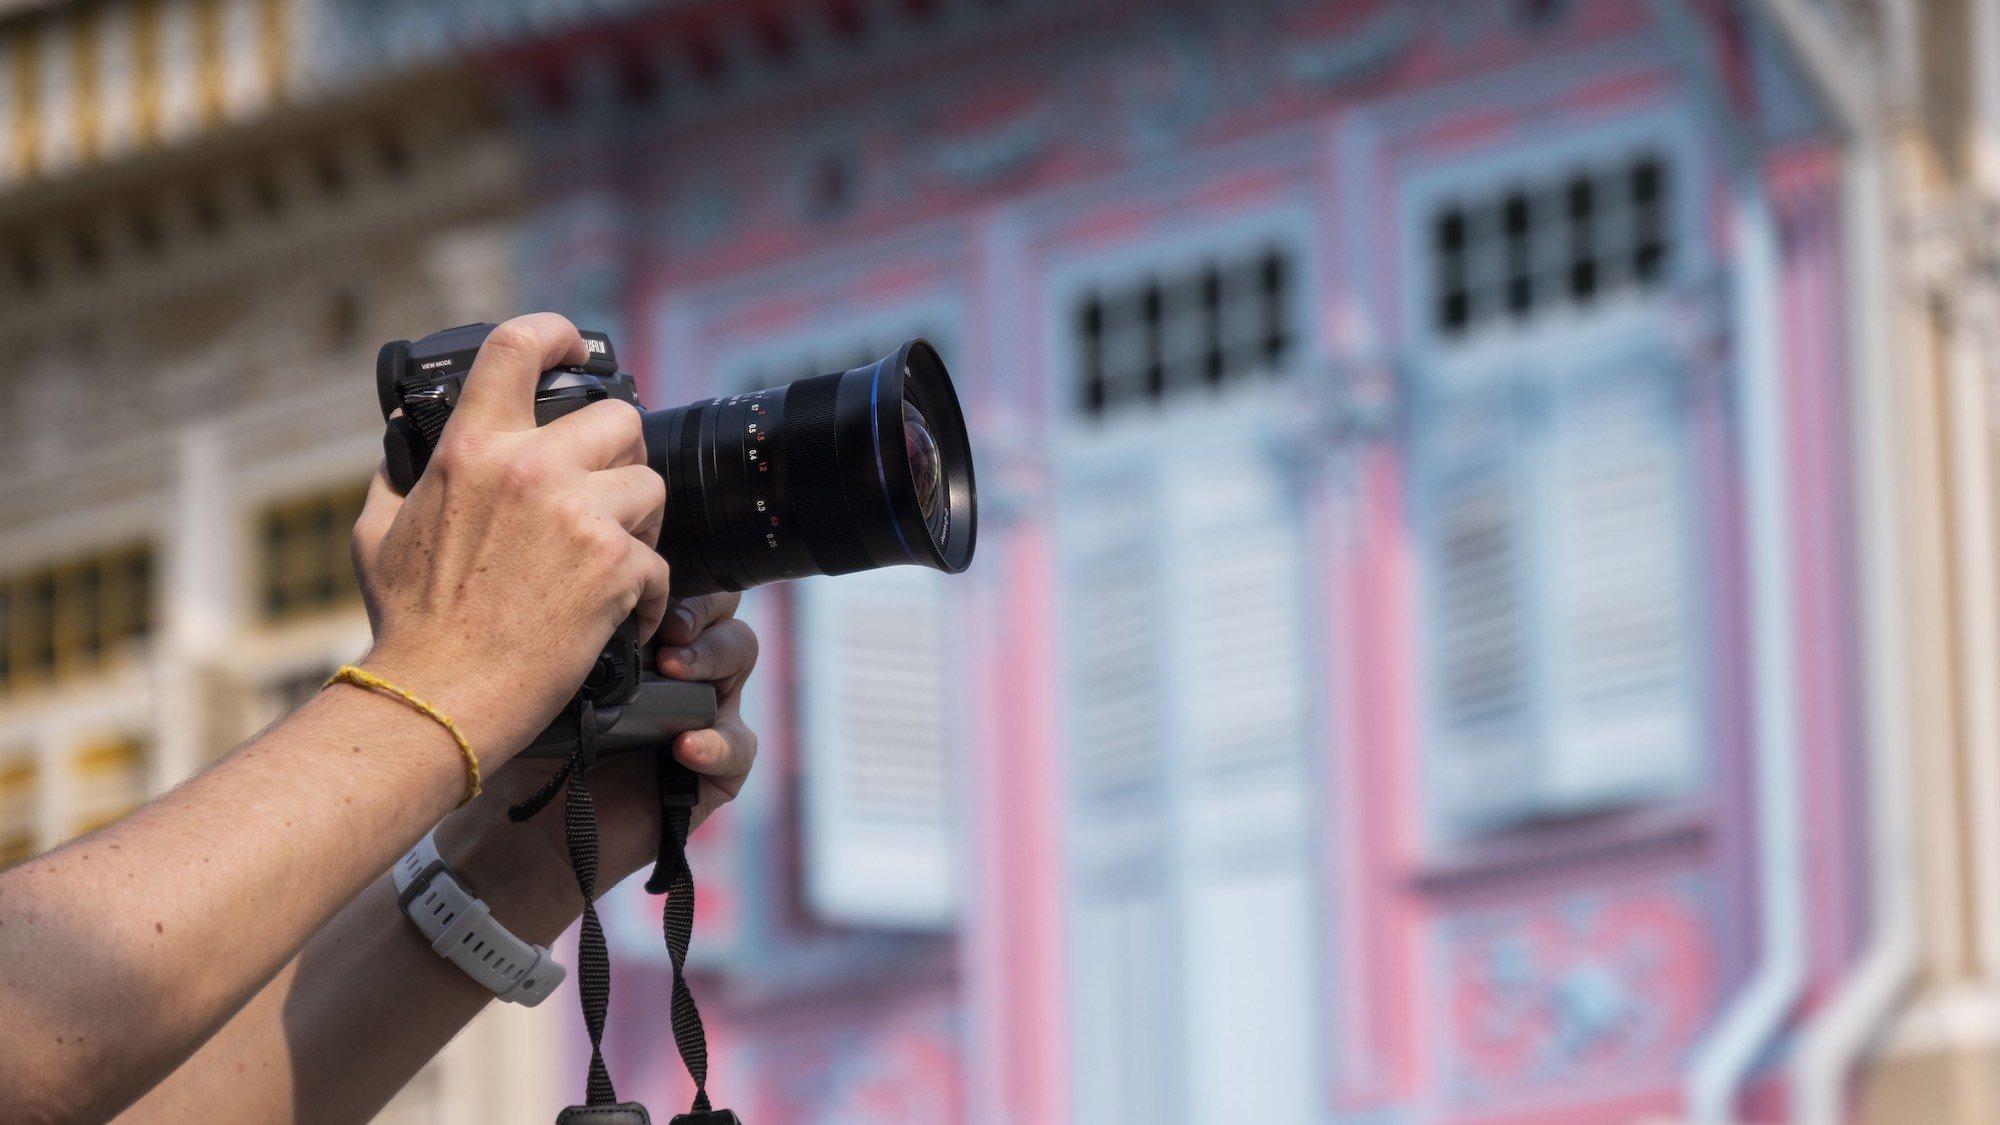 Laowa 17mm f:4 Ultra Wide GFX Zero D lens moyen format Fujifilm GFX 100 3